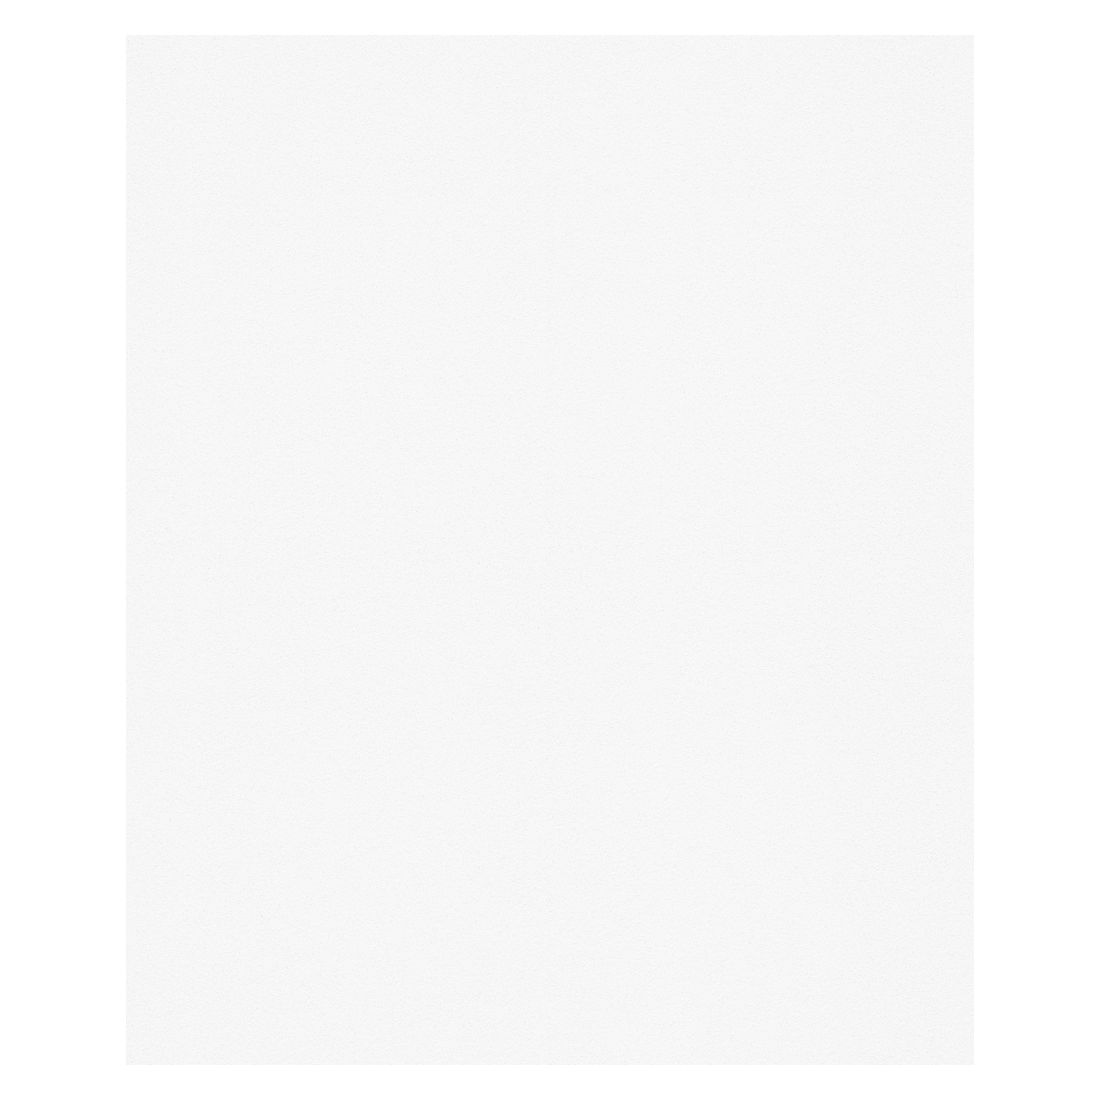 Vliestapete NAF-NAF – metallic, weiß – glatt, Home24Deko günstig online kaufen